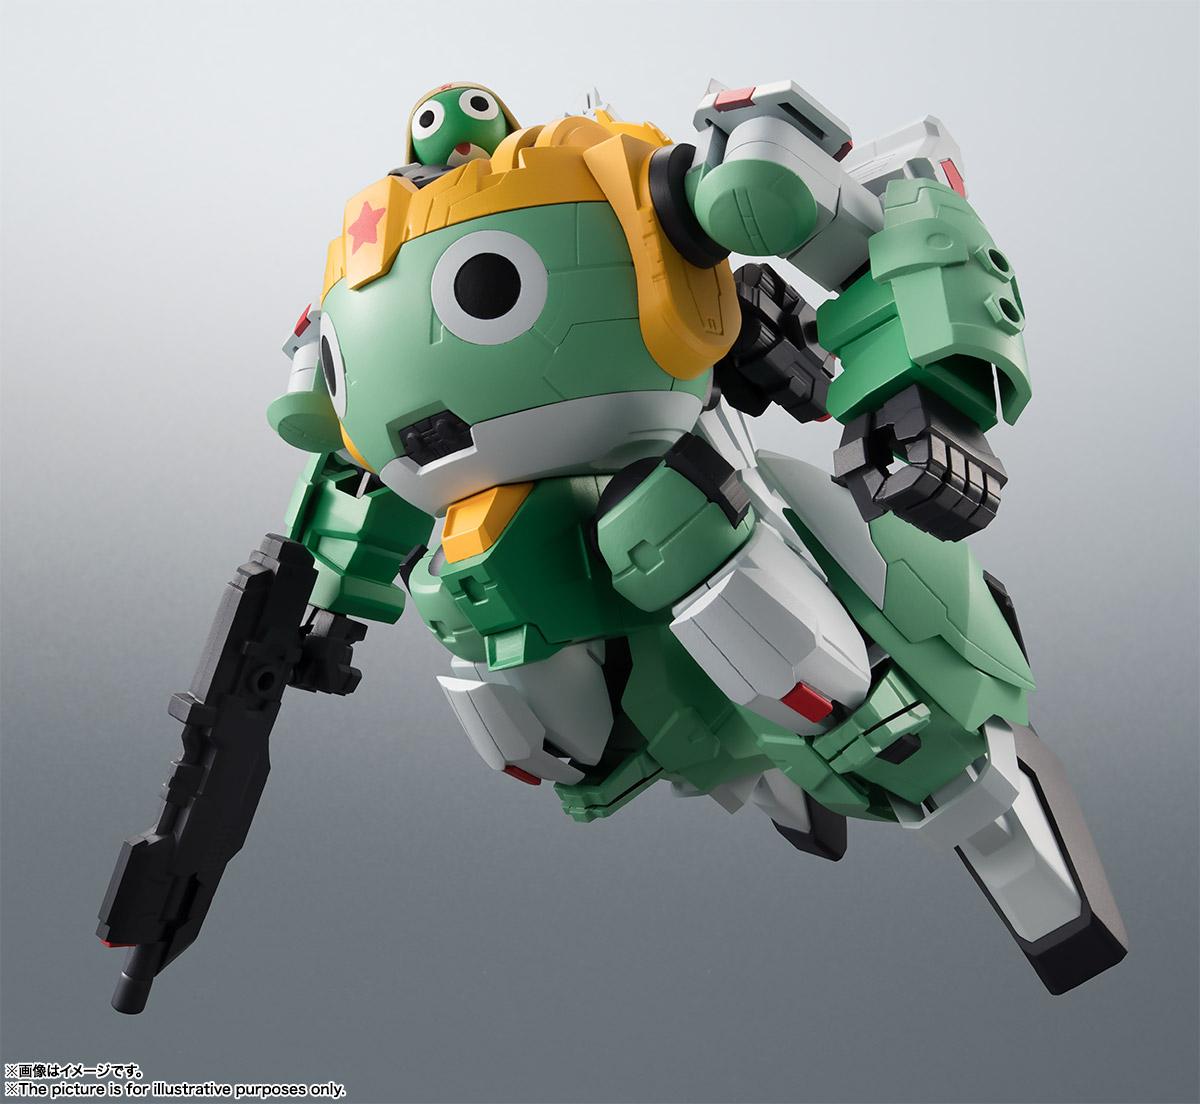 KERORO魂『ケロロロボUC』ケロロ軍曹 可動フィギュア-005